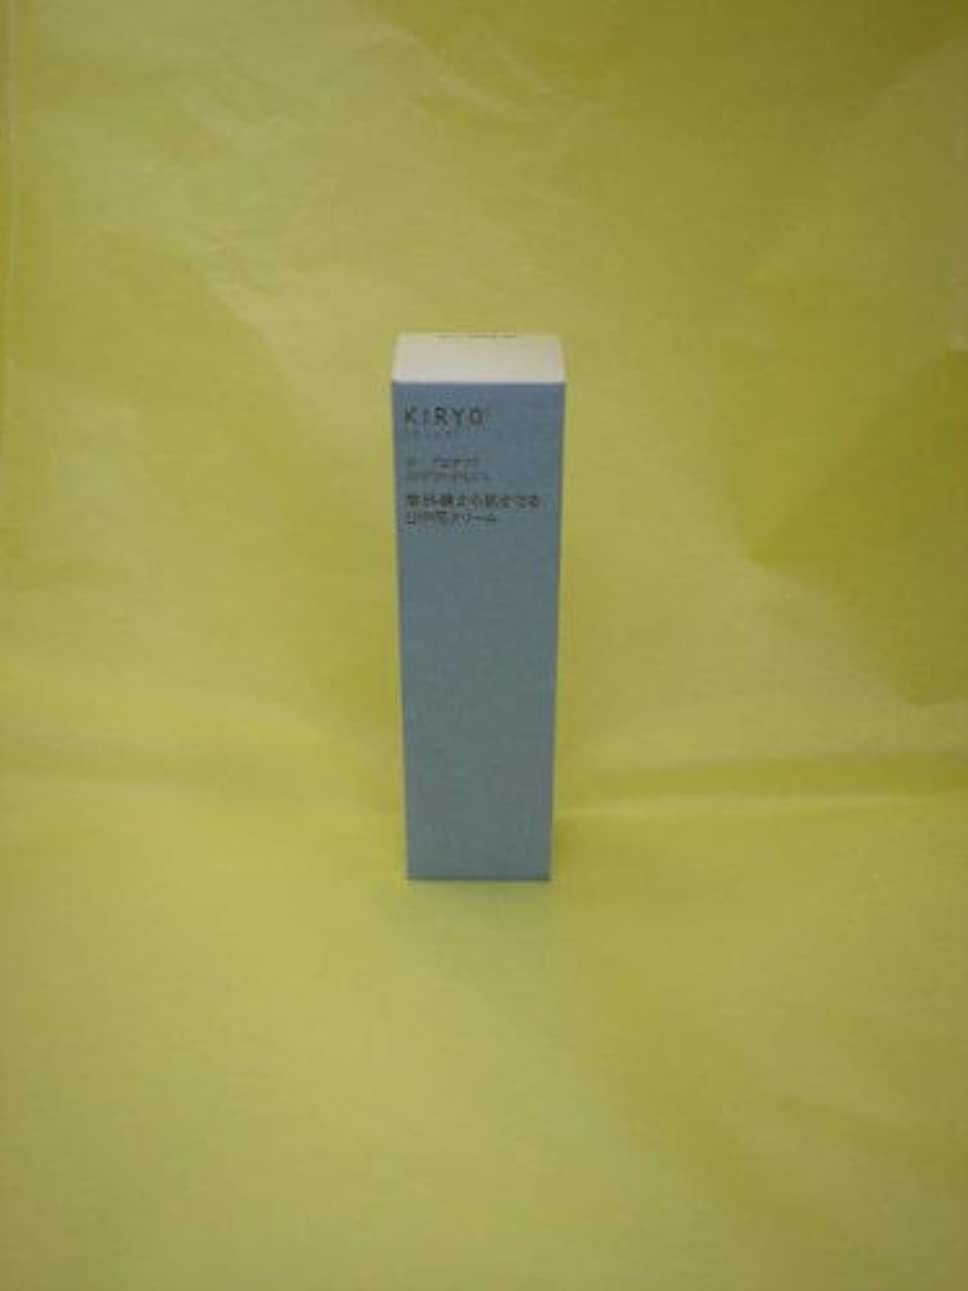 ミニチュア拡声器エクスタシーキリョウ デ-プロテクト 30g( 植物派化粧品)